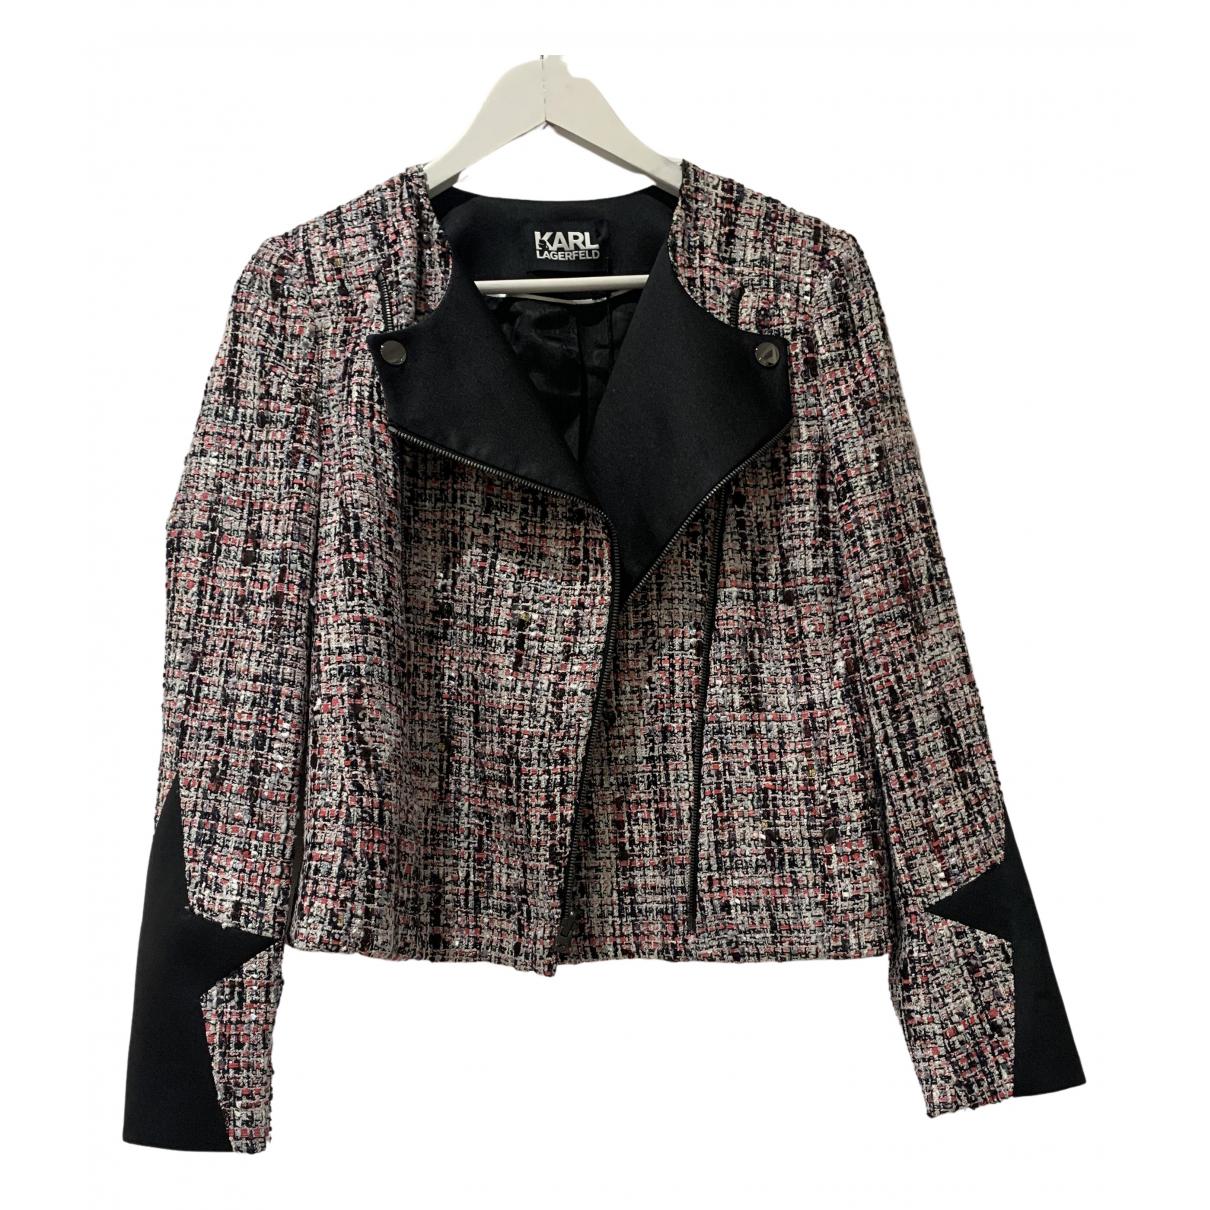 Karl Lagerfeld \N Jacke in  Bunt Polyester